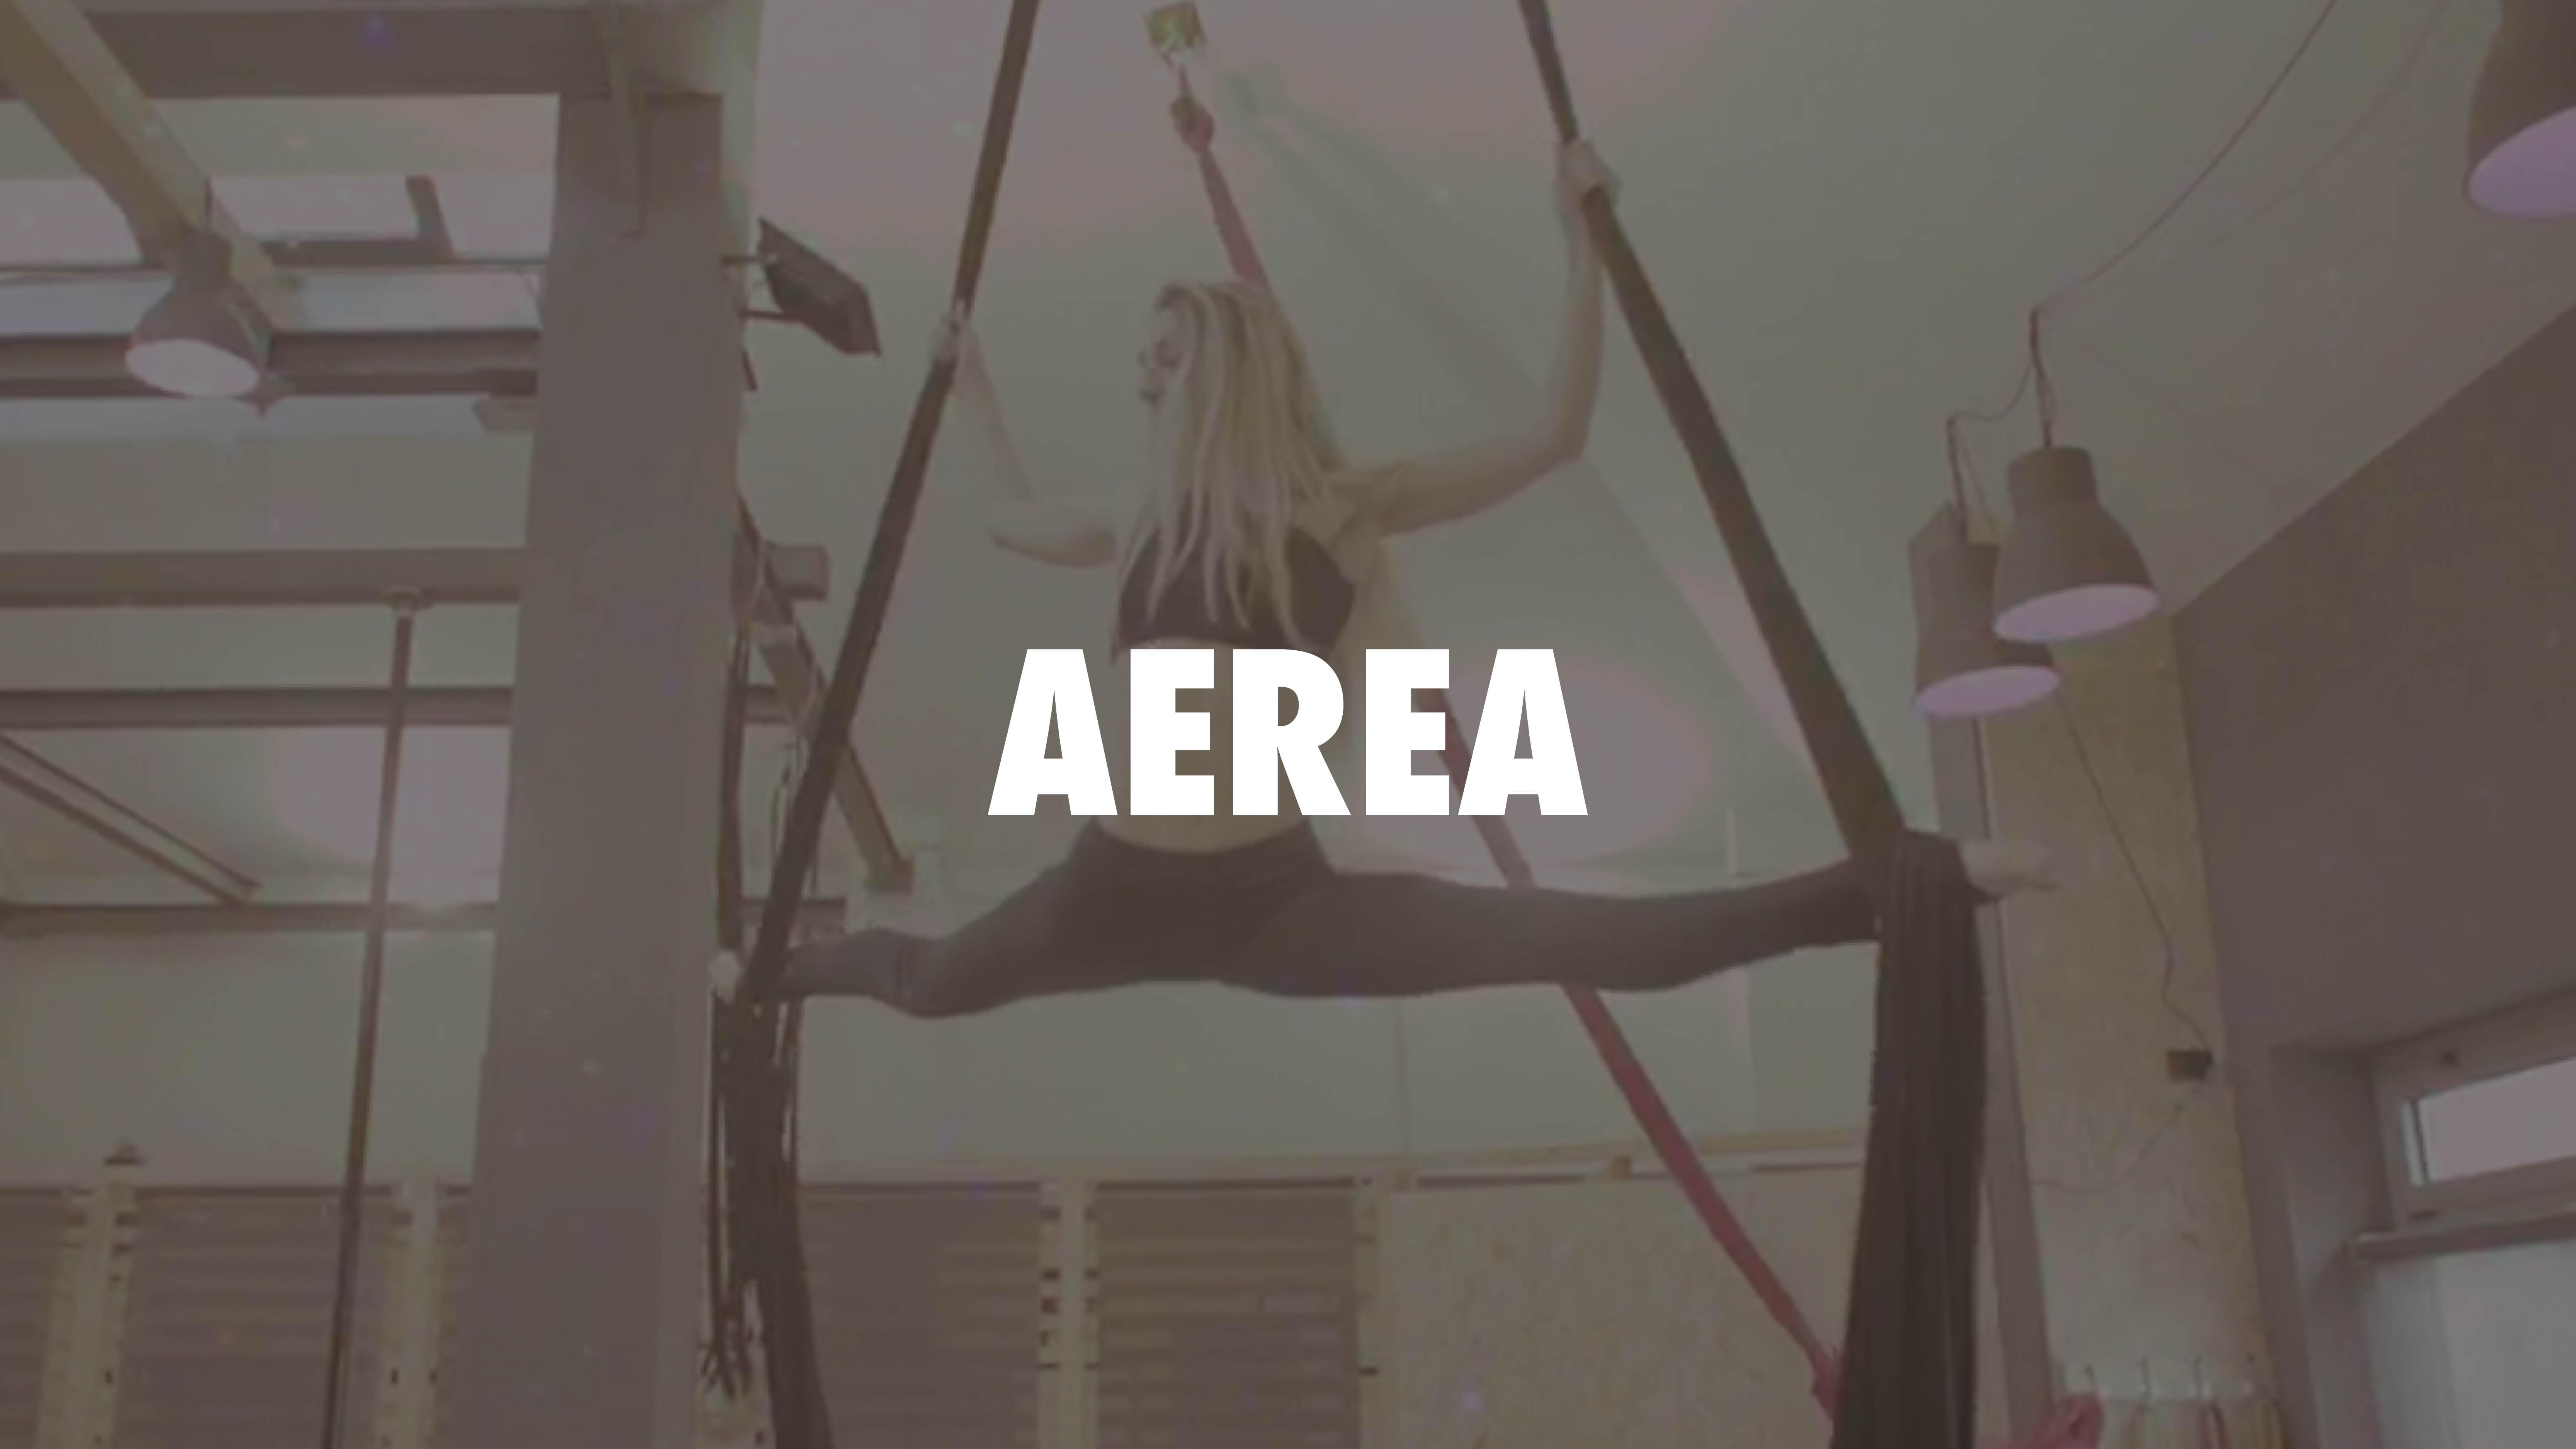 AEREA